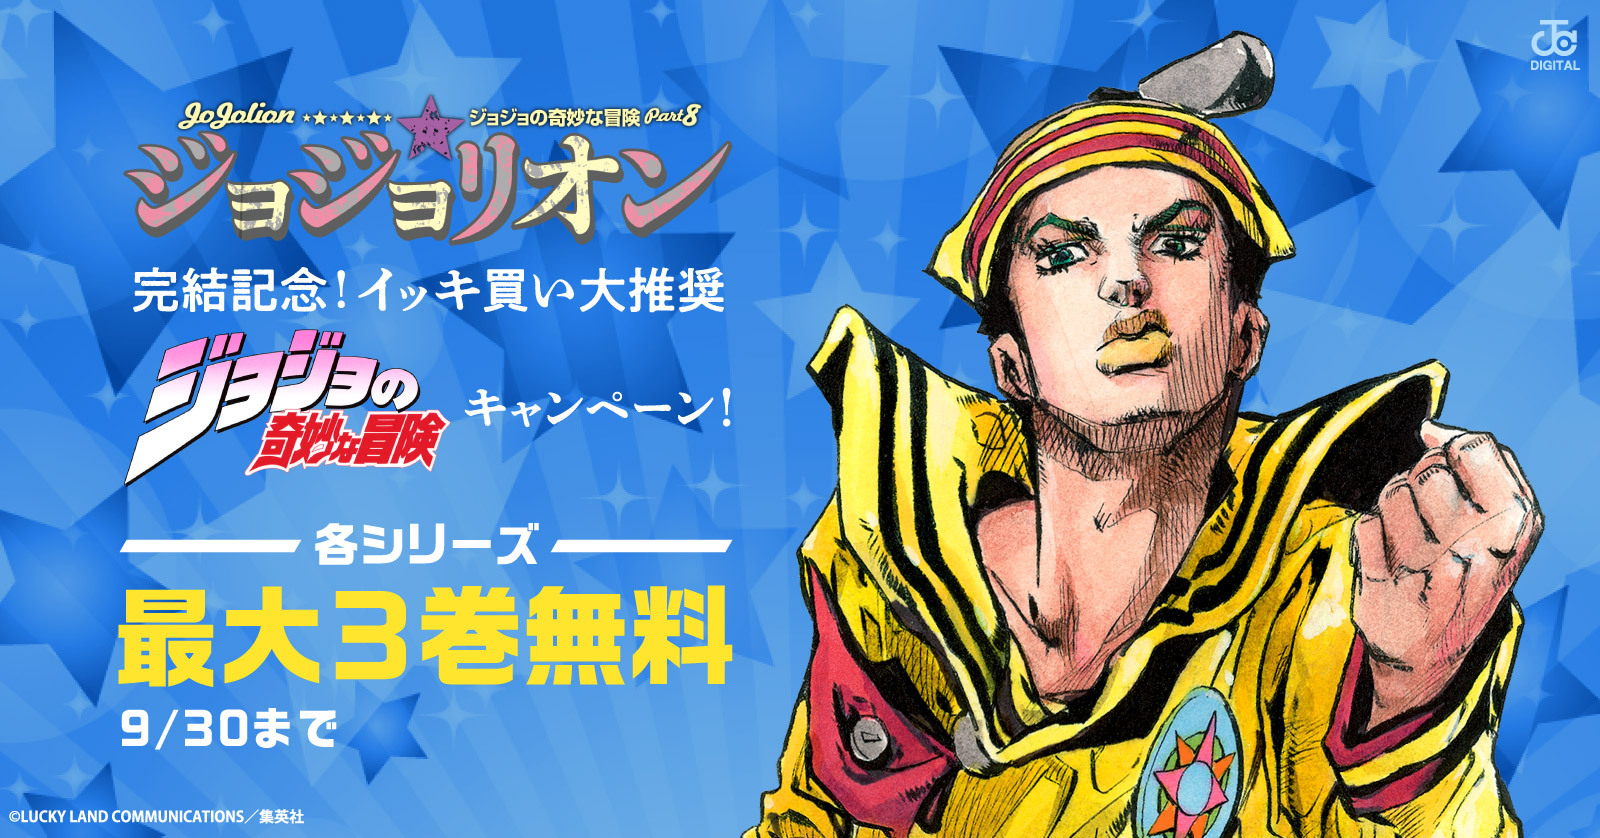 『ジョジョの奇妙な冒険』キャンペーン